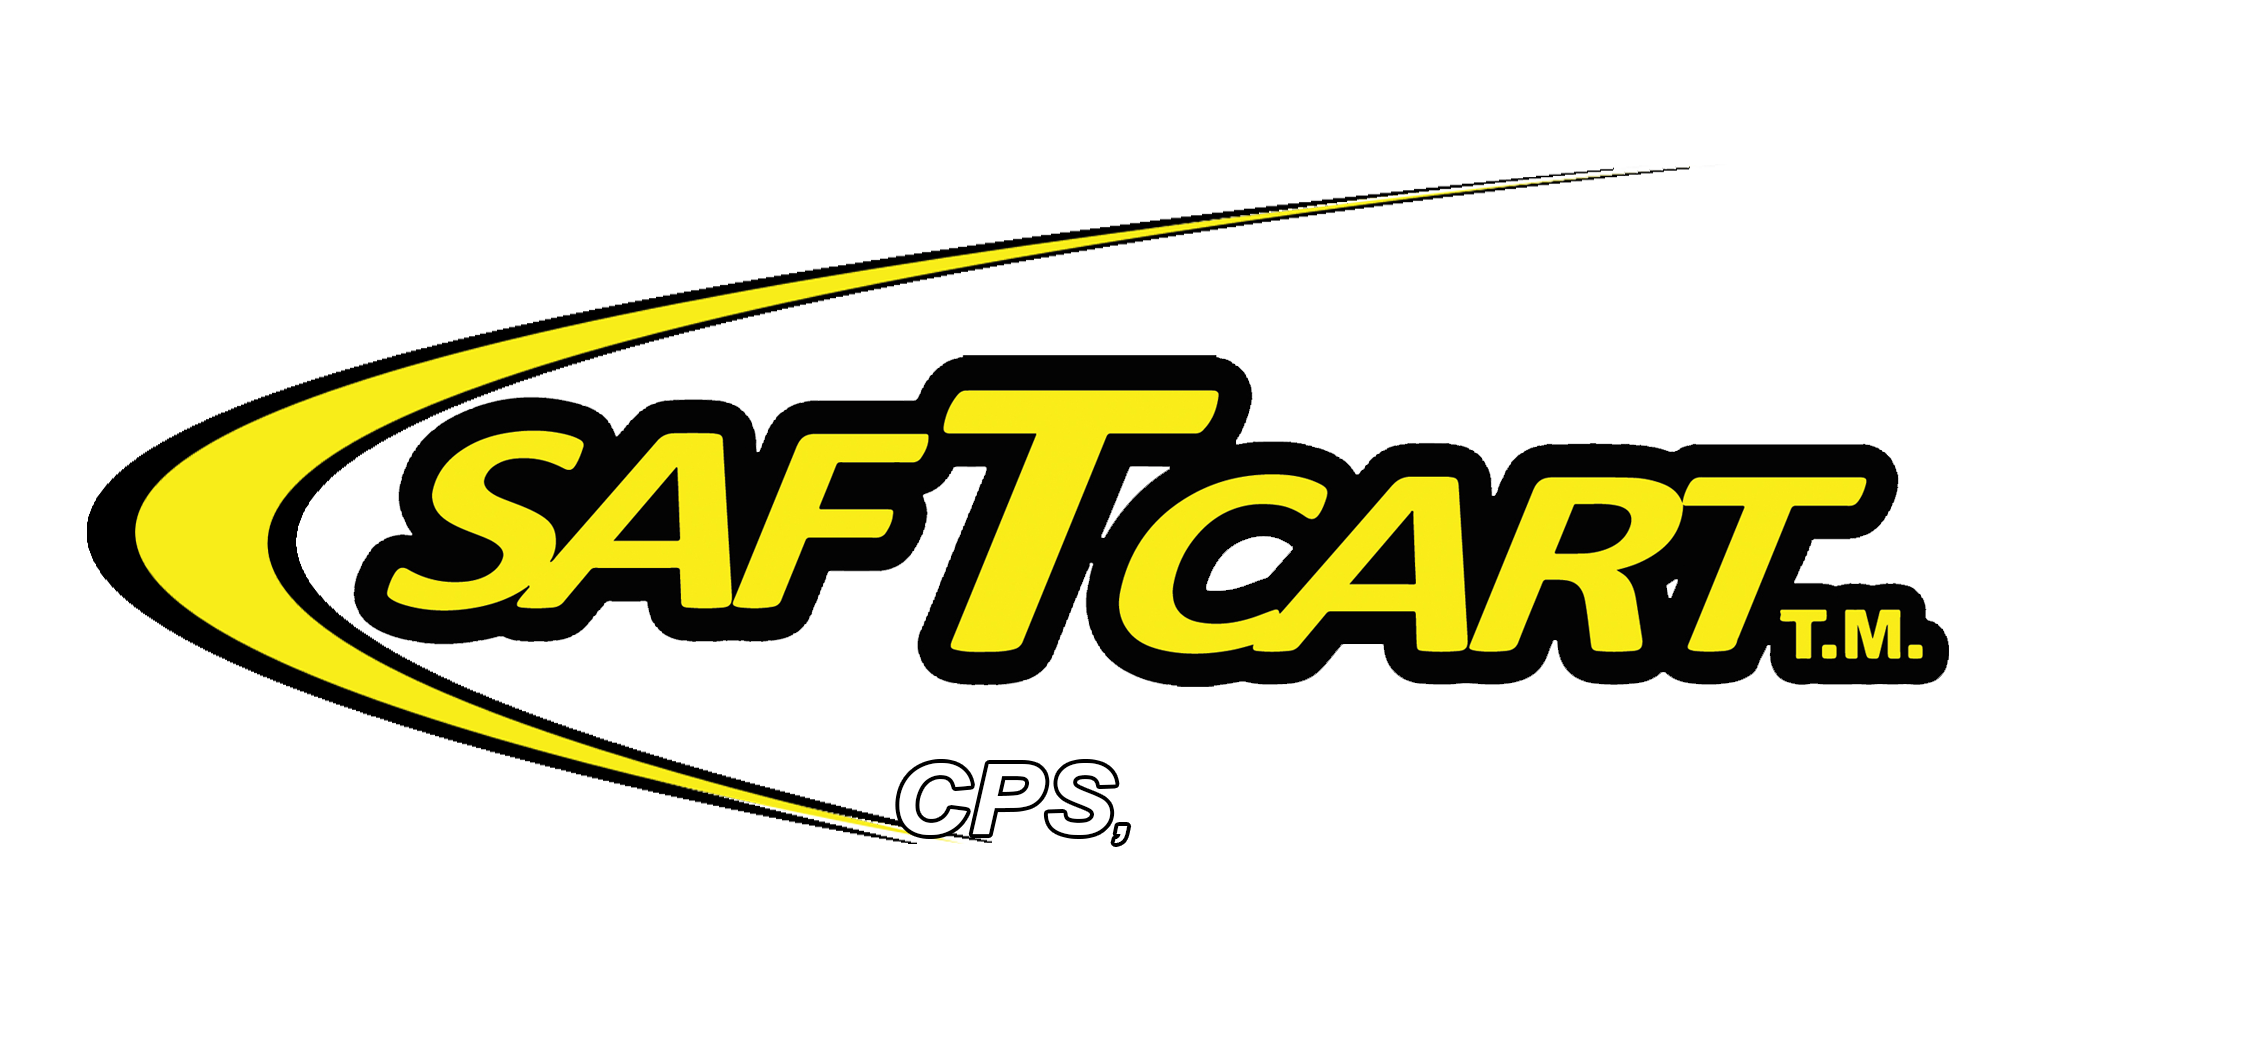 Saftcart